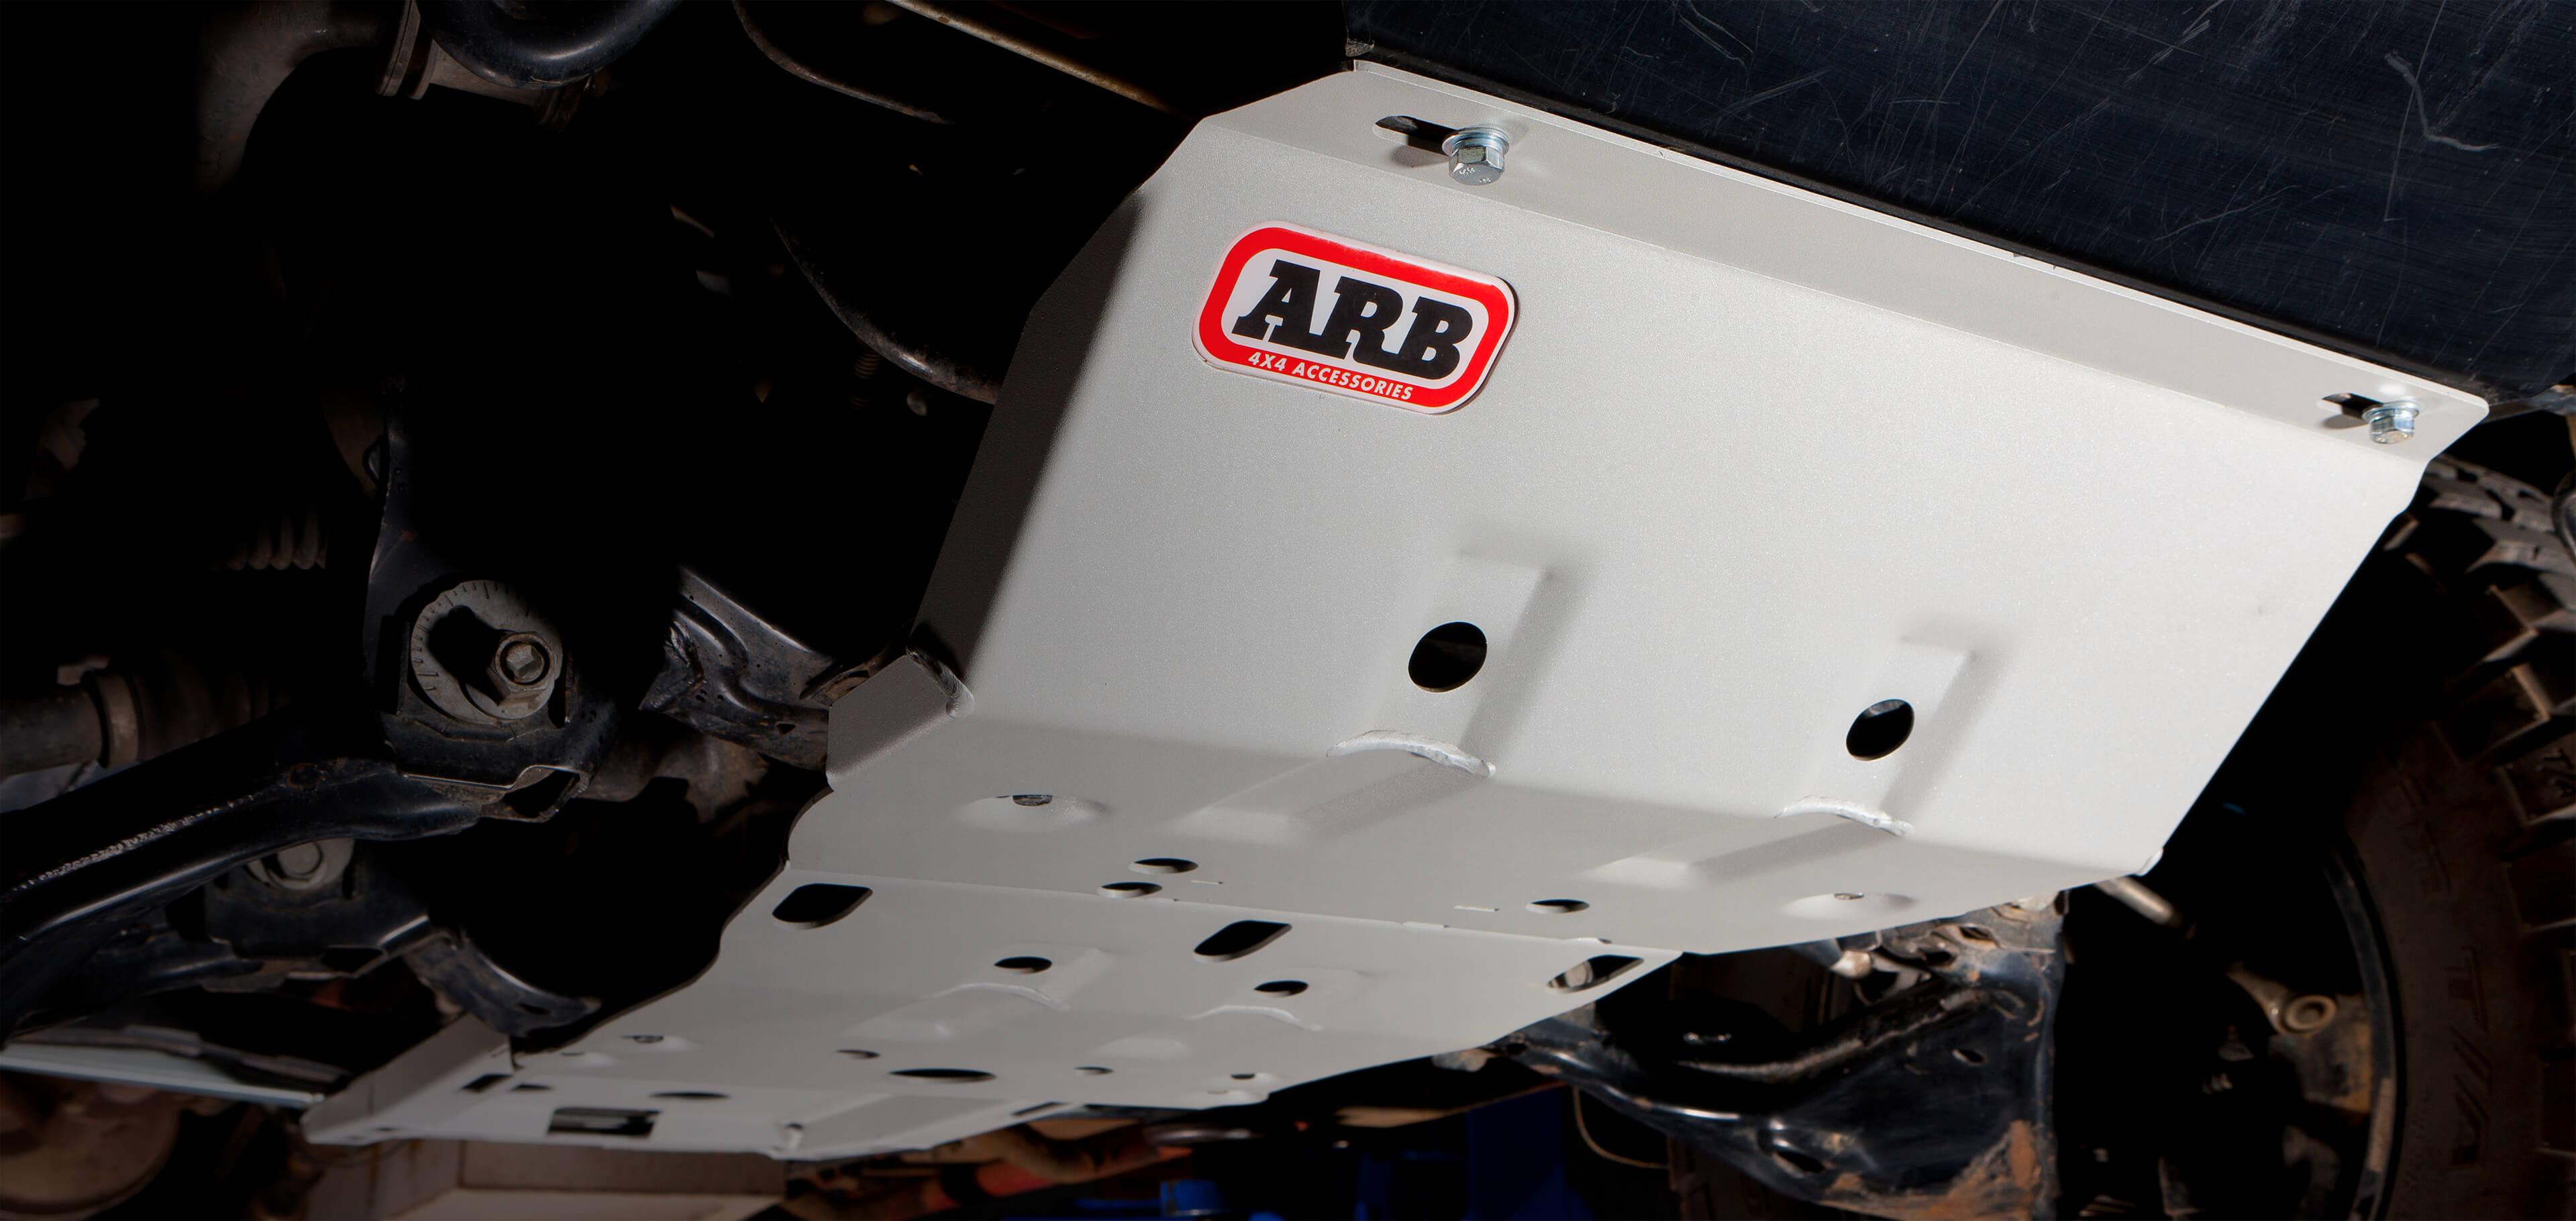 ARB スキッドプレート(アンダーヴィークルプロテクション)